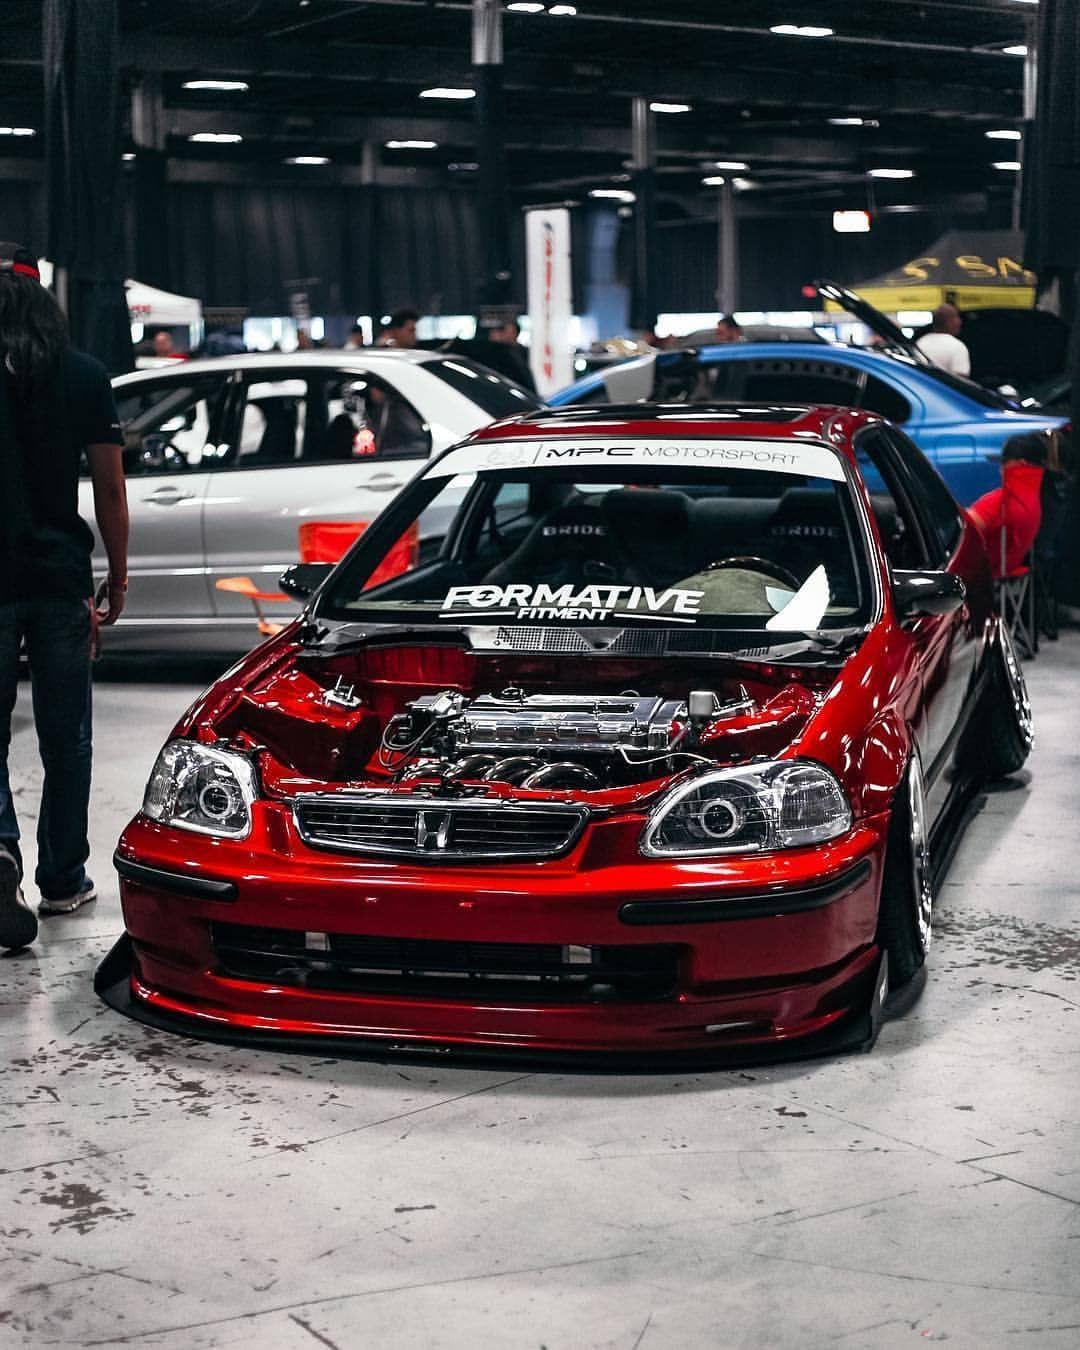 Honda Civic Modificado : honda, civic, modificado, Ideas, Honda, Civic,, Honda,